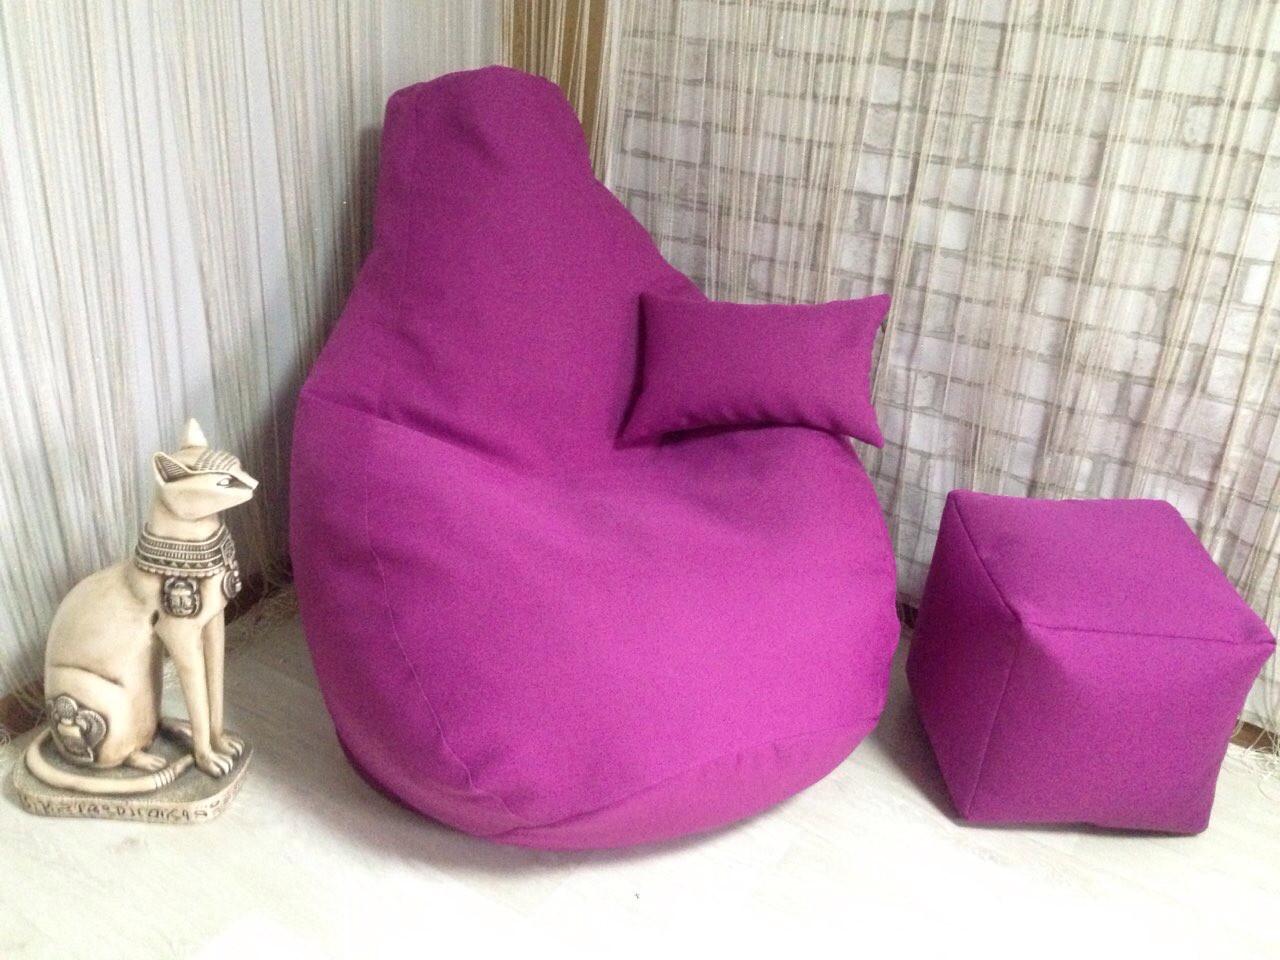 Кресло Мешок, бескаркасное кресло Груша ХХЛ, микророгожка, розовый